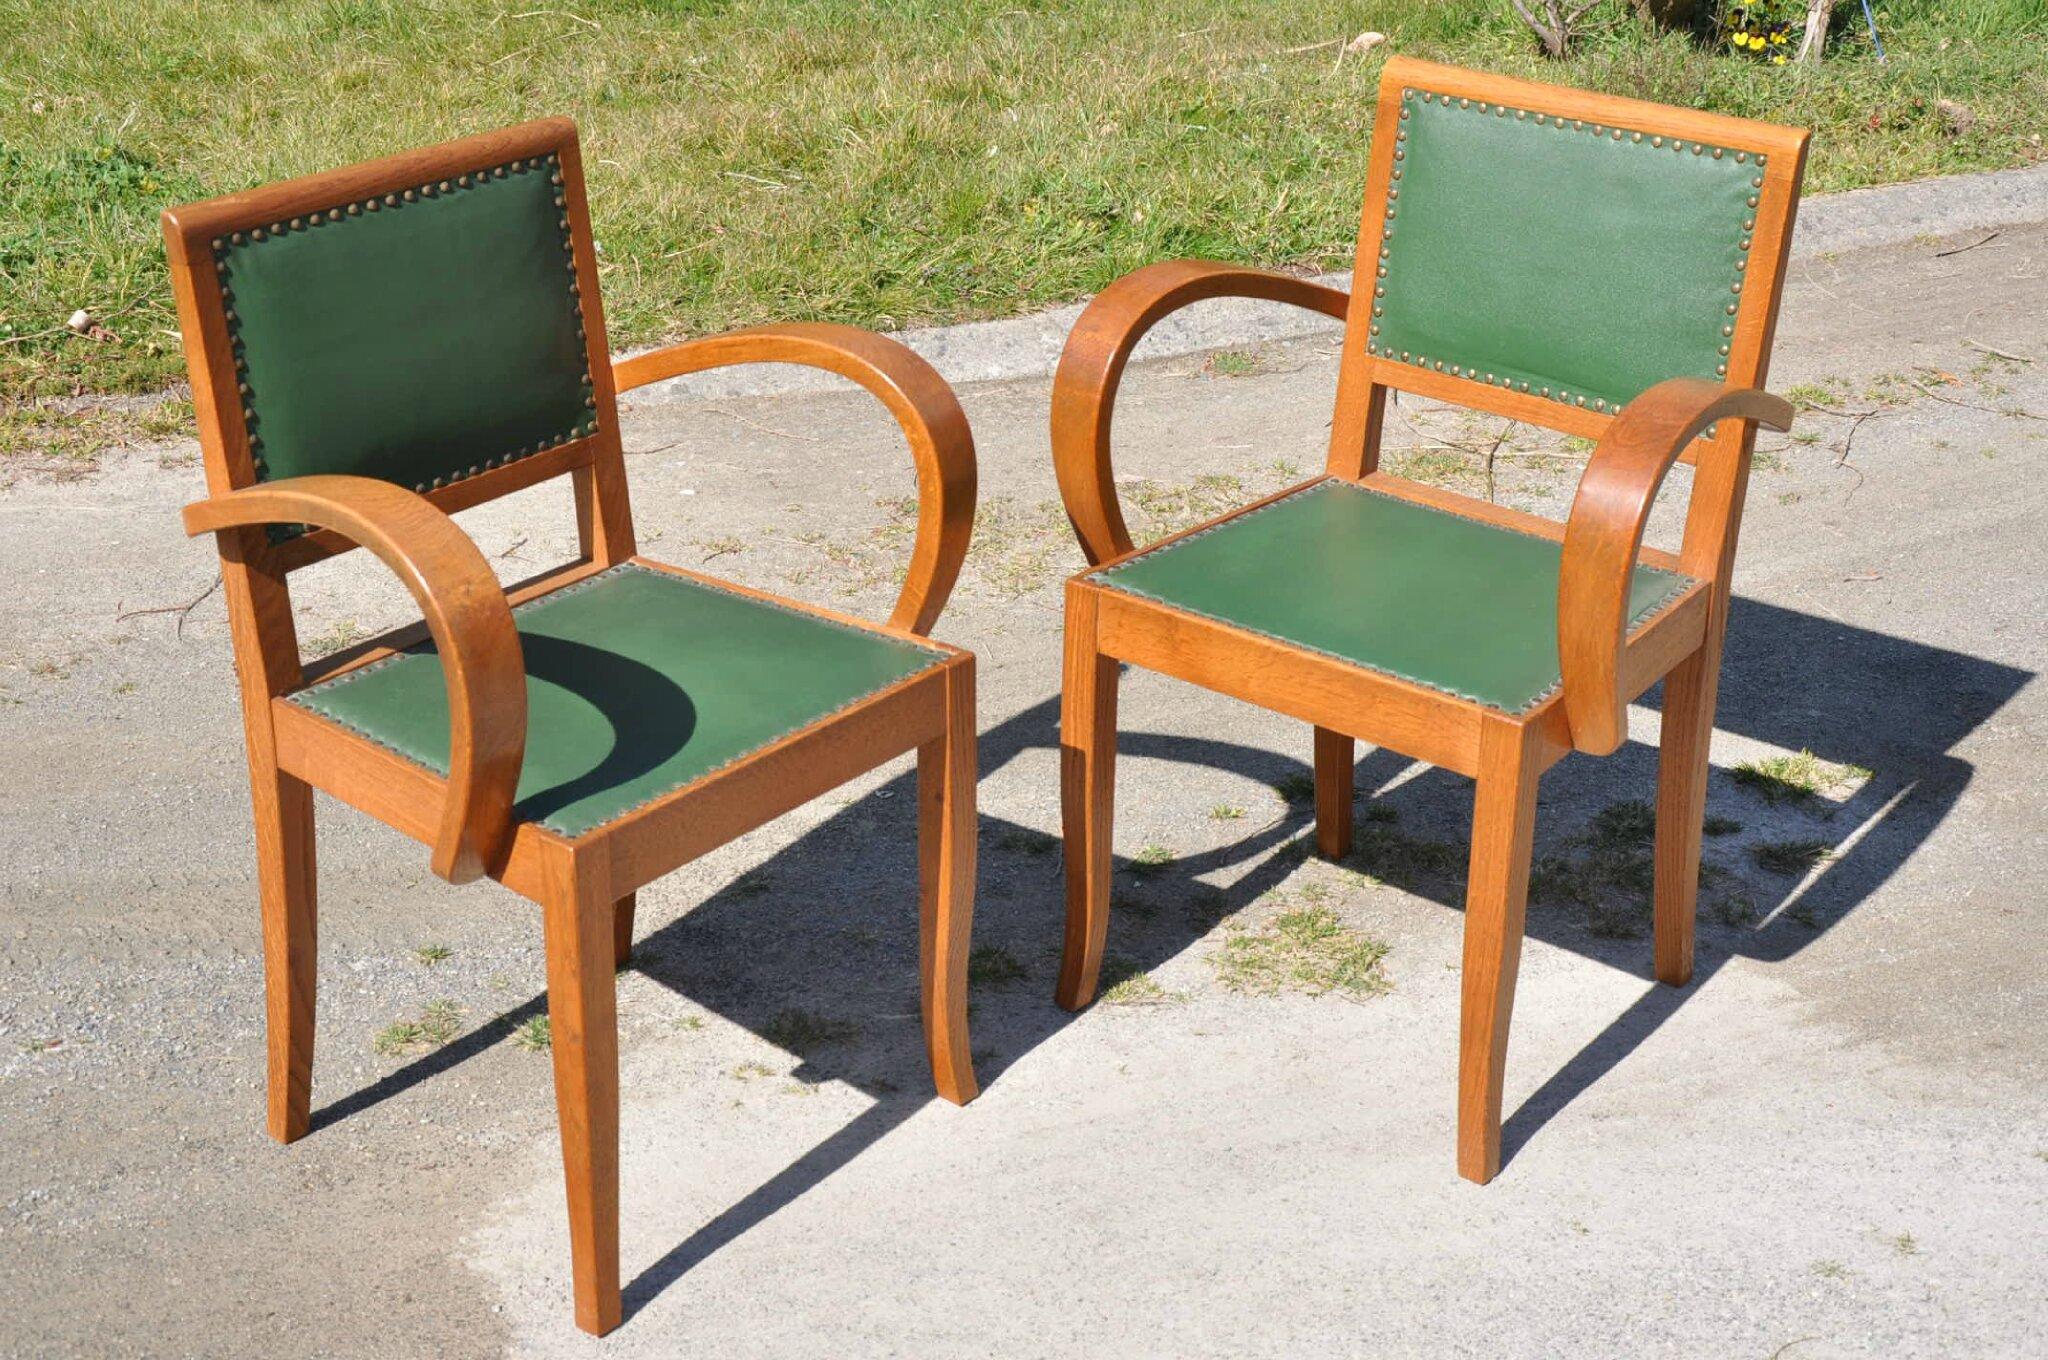 fauteuils bridge annees 50 antiquit s du vingti me. Black Bedroom Furniture Sets. Home Design Ideas